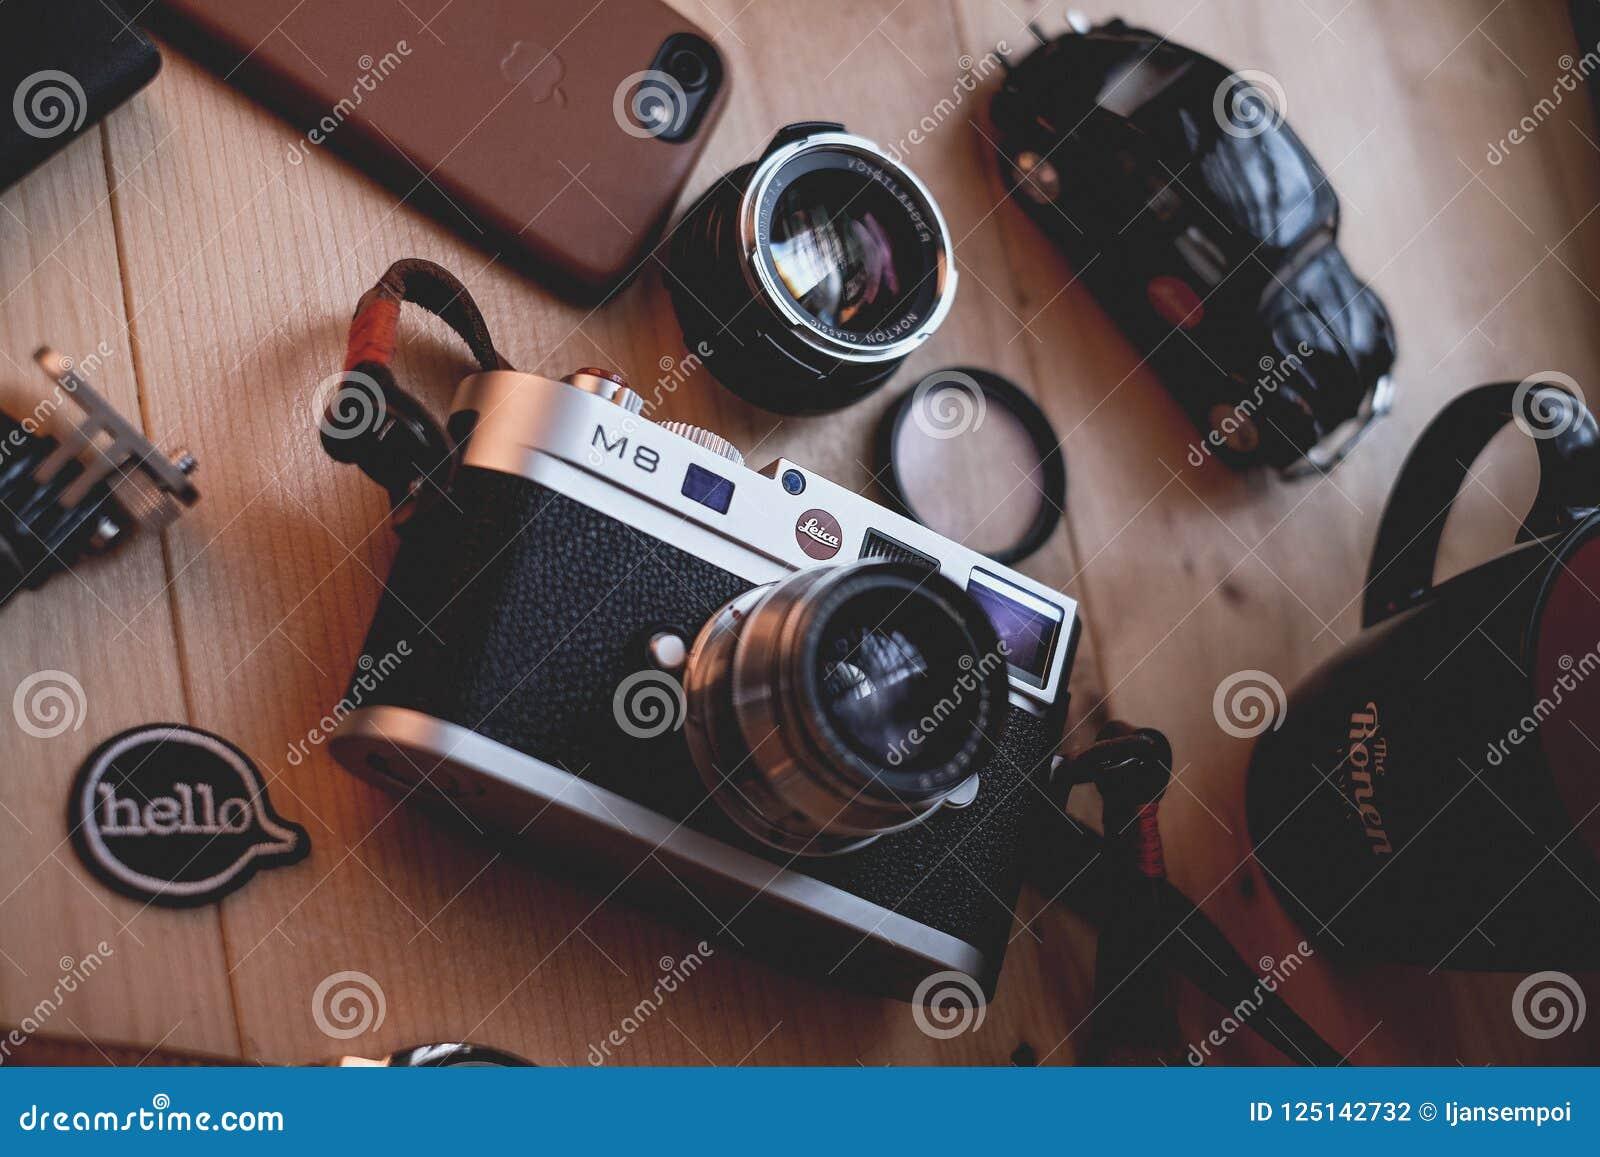 Куала-Лумпур, Малайзия - 30-ое августа 2018: Изображение натюрморта цифровой фотокамера и объектива Leica M8 на деревянном столе